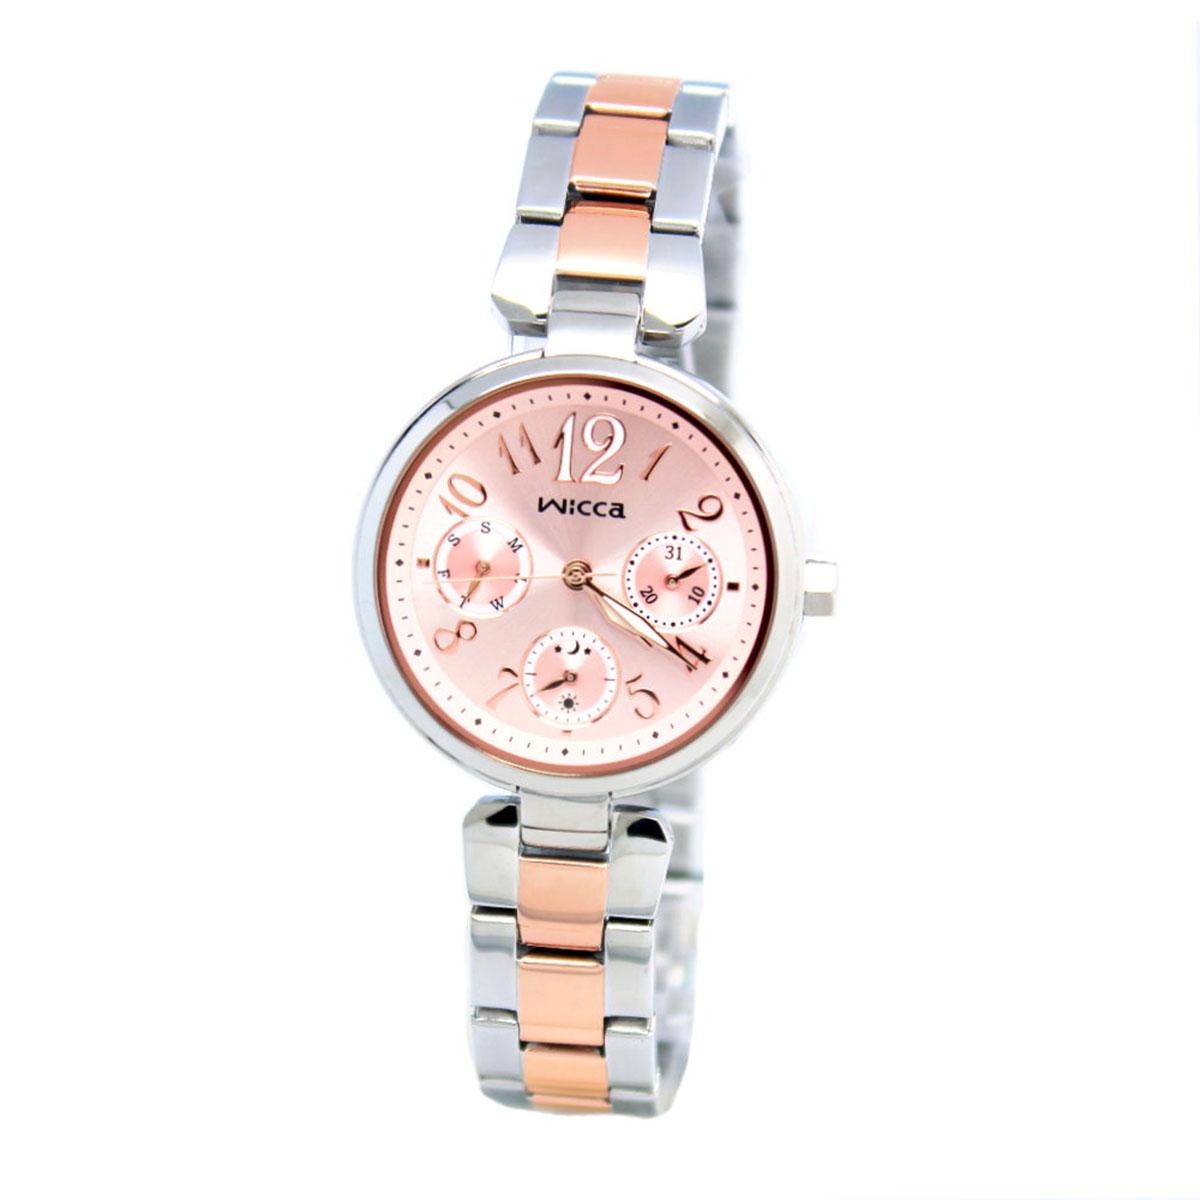 นาฬิกาผู้หญิง Citizen รุ่น BH7-431-91, Analog Dress QUARTZ Silver JAPAN Watch